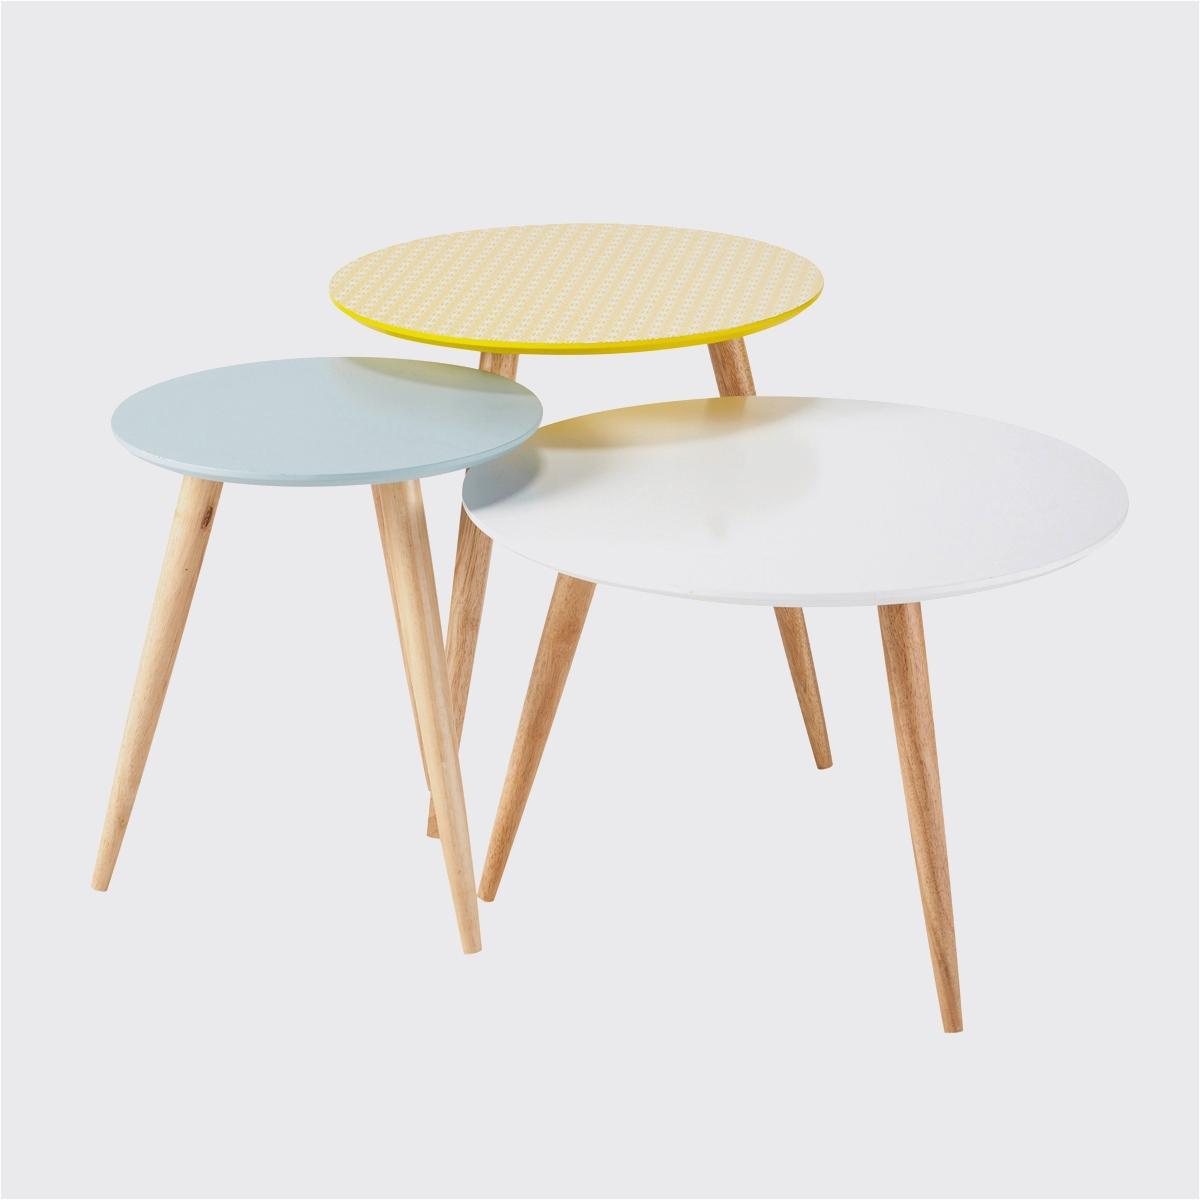 Petite Table Ronde Pliante Impressionnant Stock Petite Table Pliable Génial Table Ronde Pliable Table Et Chaise